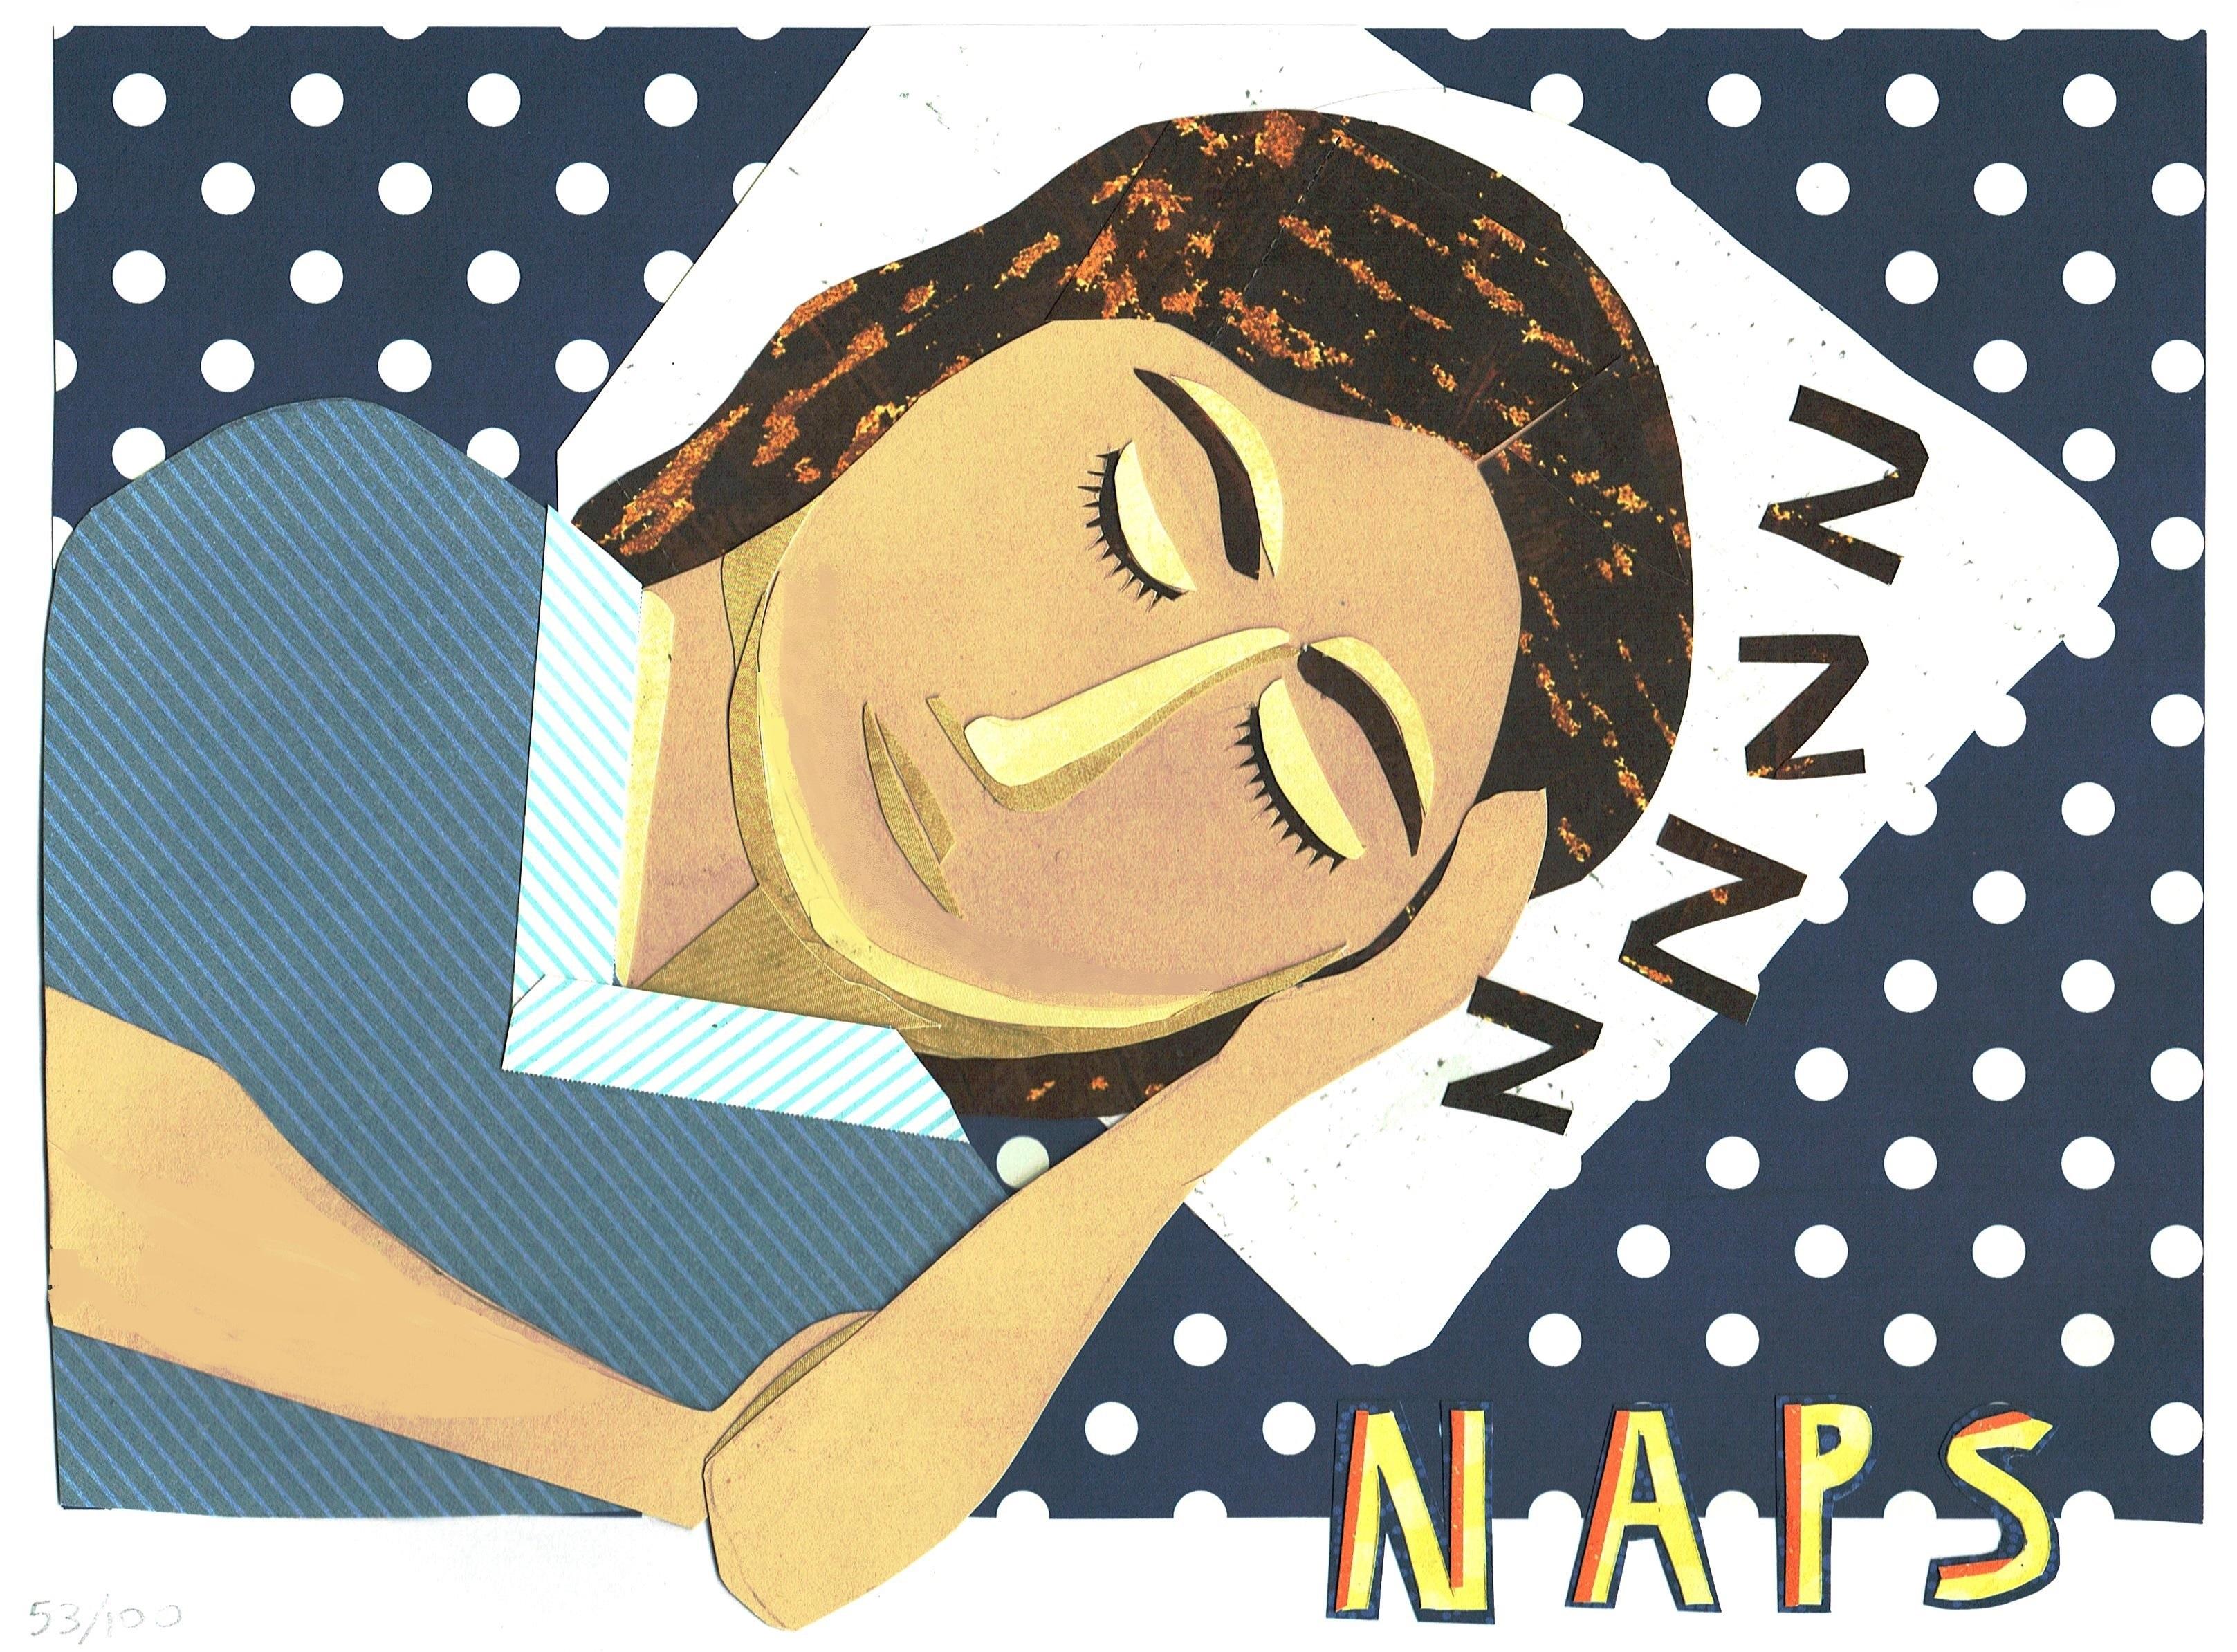 Day 53 - Naps